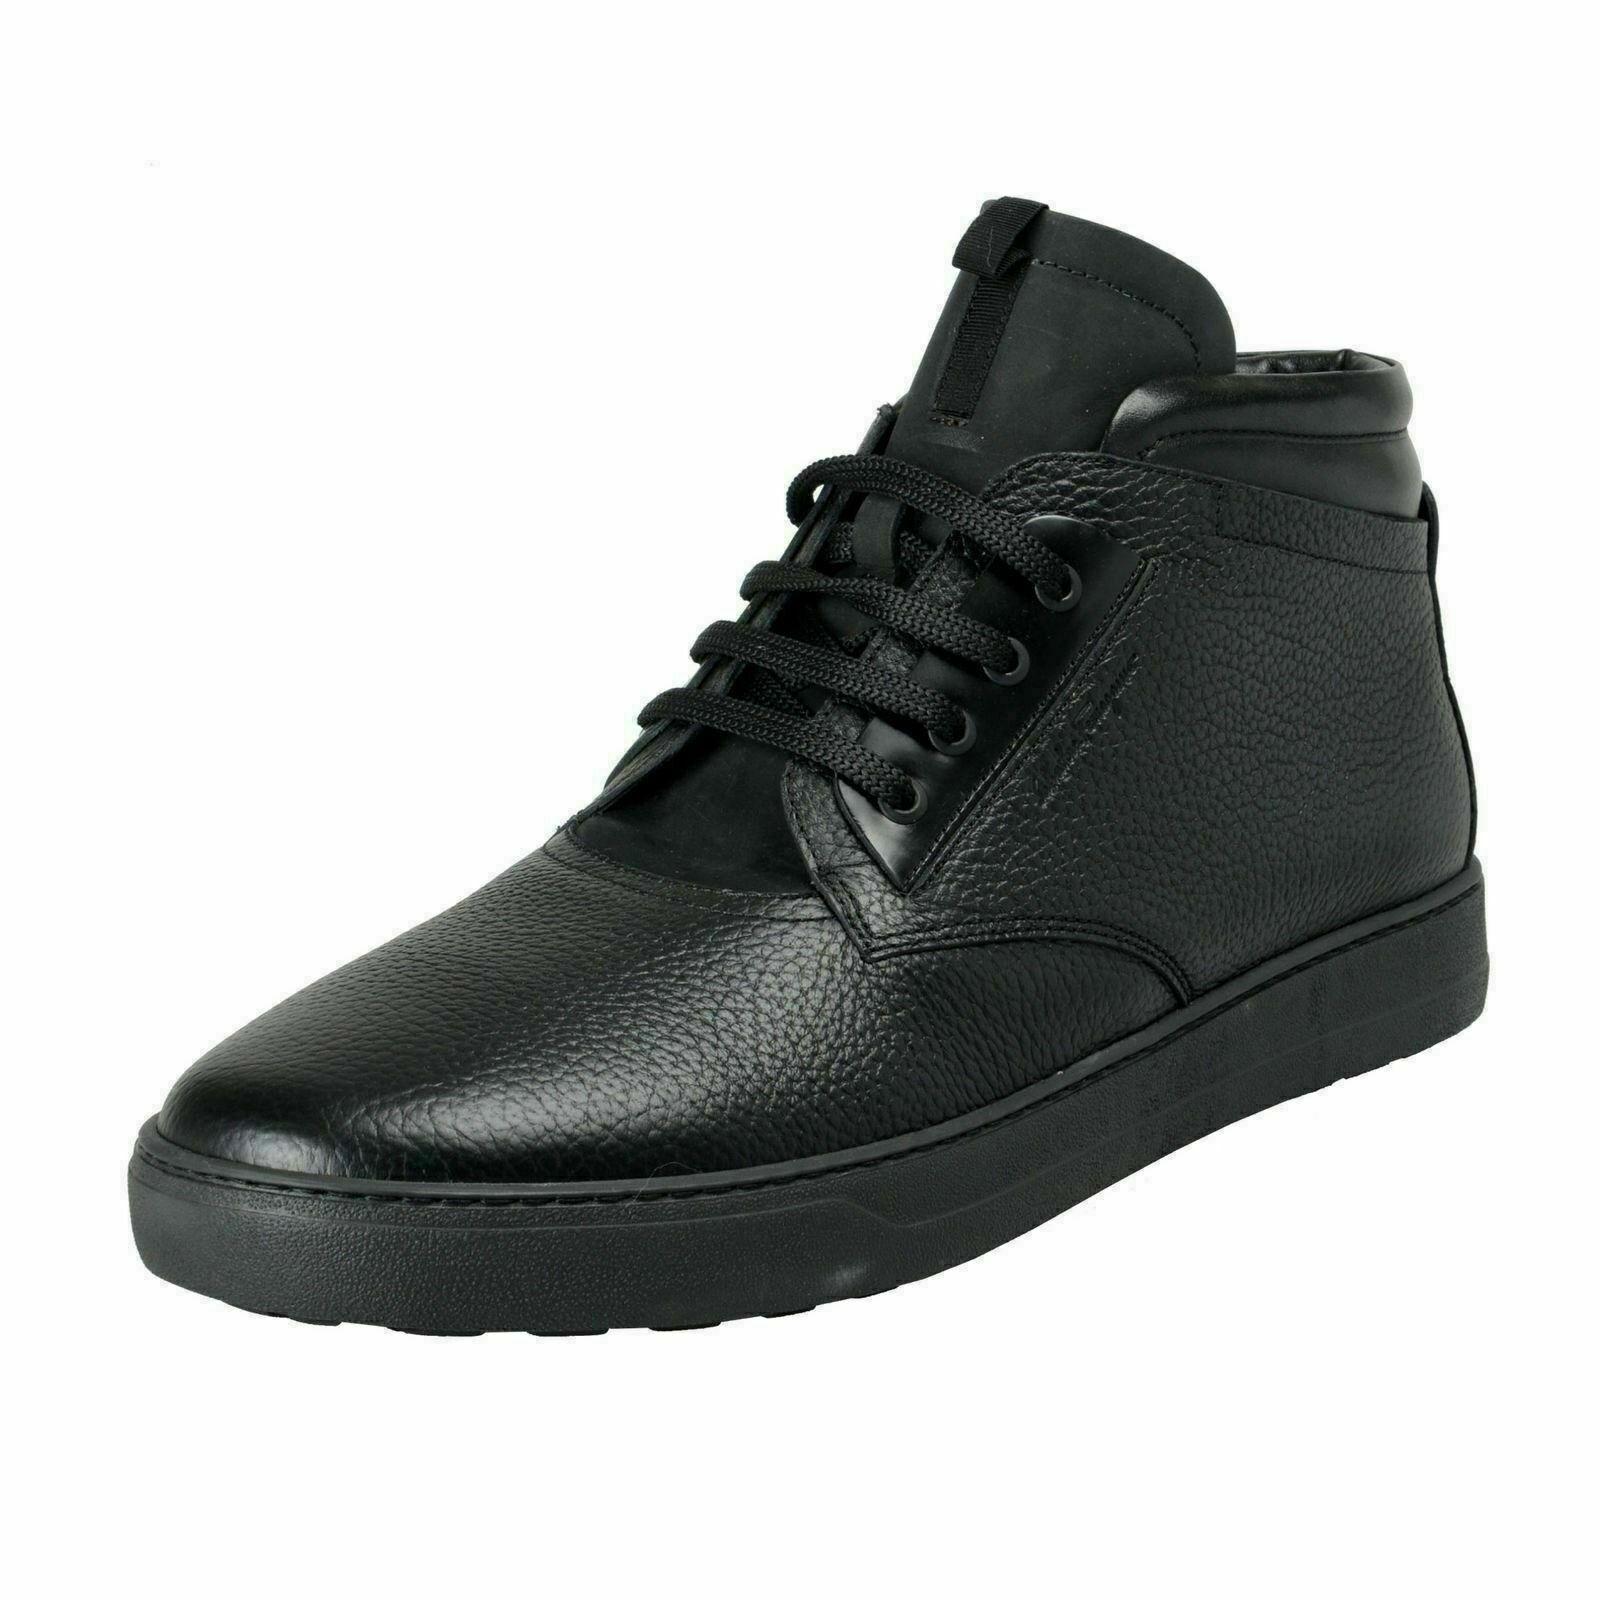 Salvatore Ferragamo Men's GORIZIA 3 Winter Fur Boots shoes US 12 EEE EU 45 eee